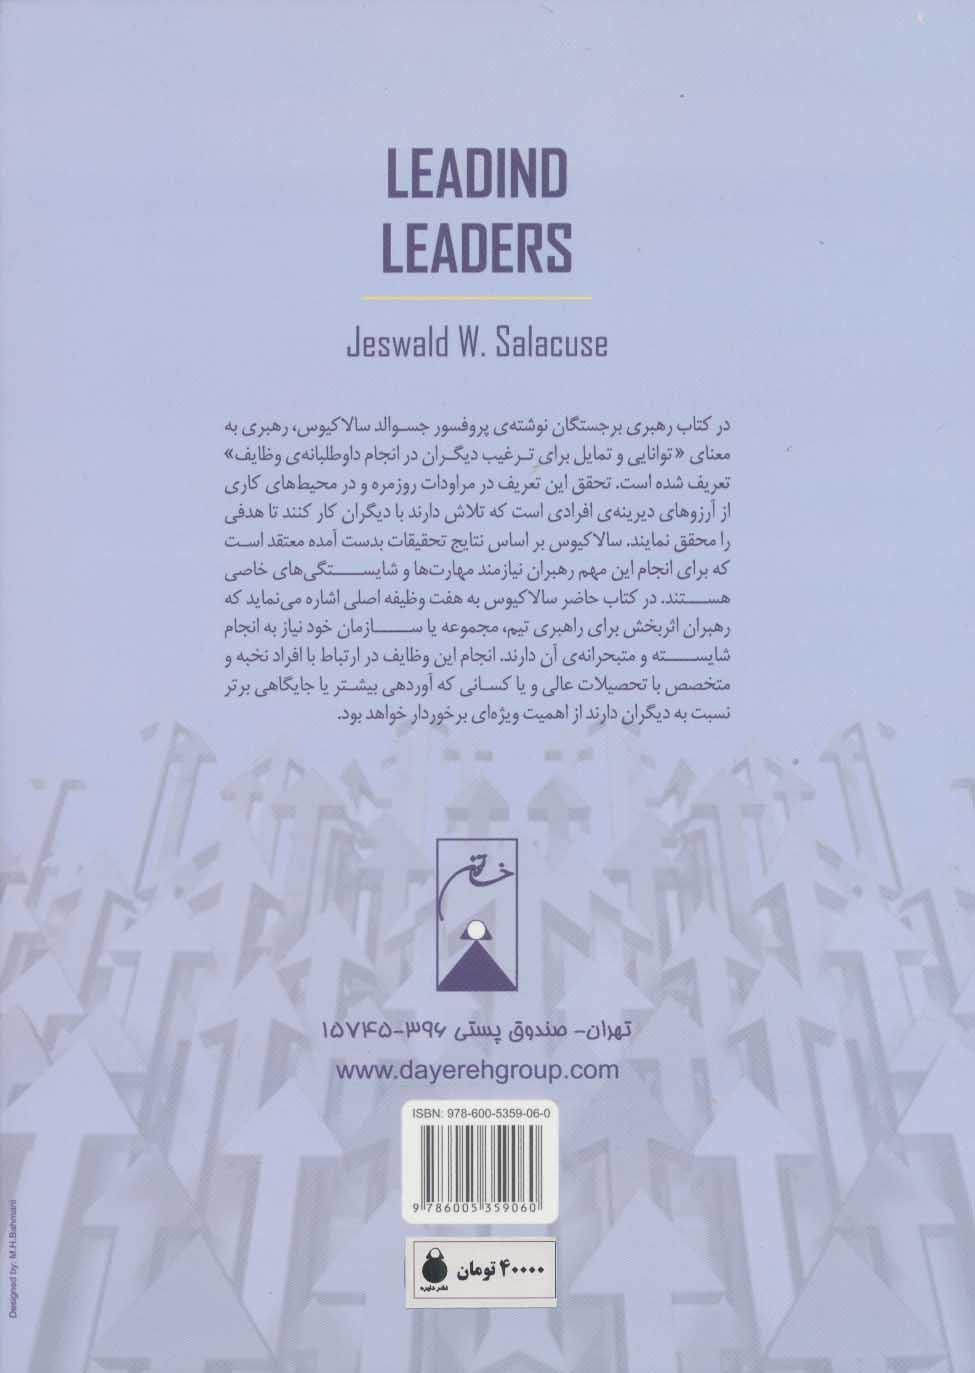 رهبری برجستگان (رهبری اثربخش در دنیای رو به رشد)